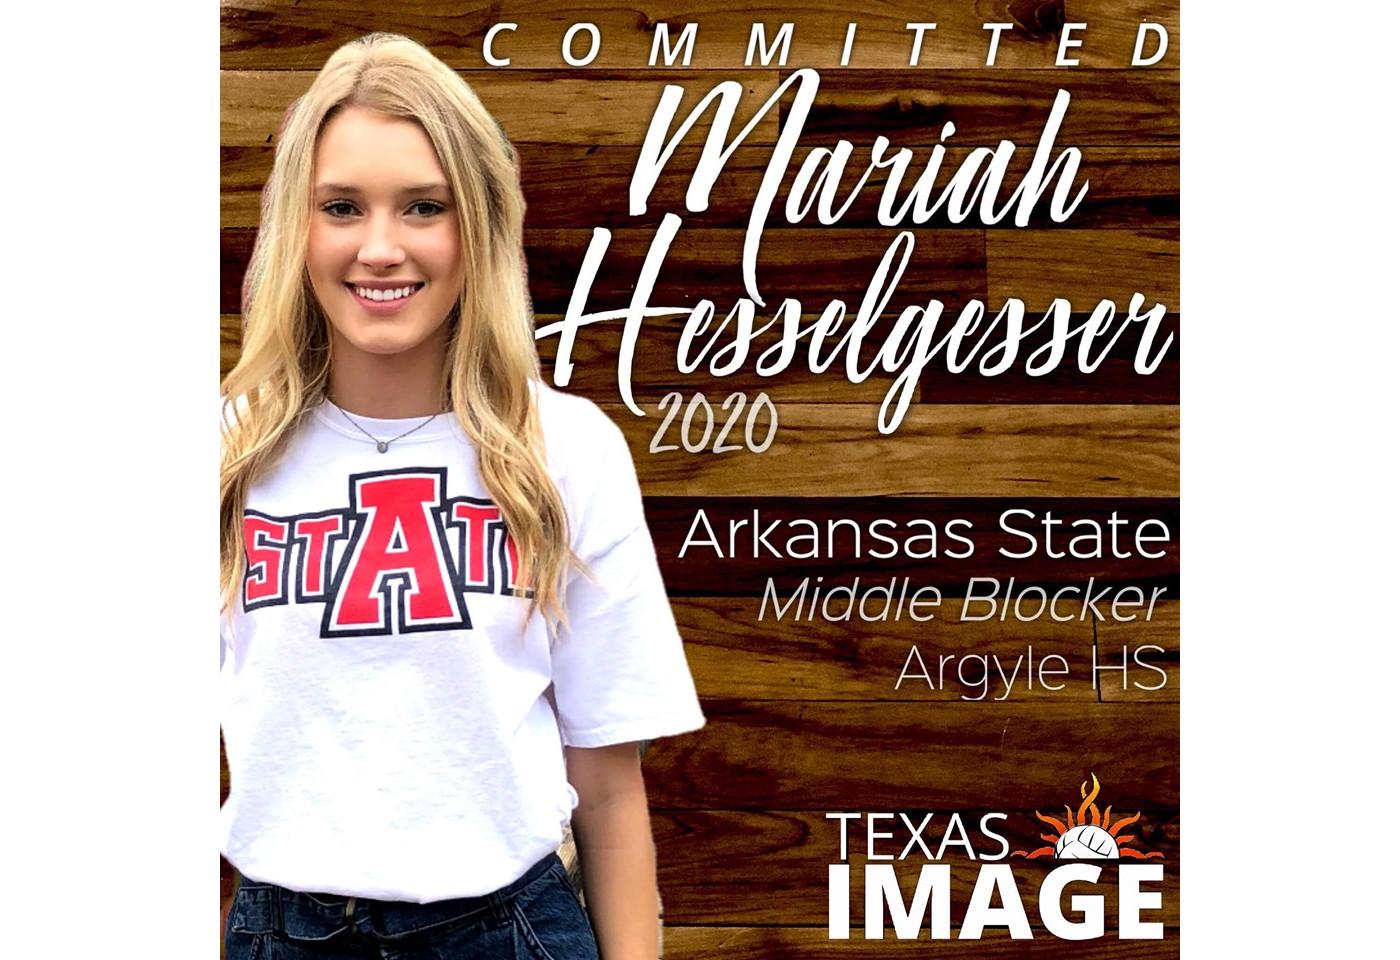 Mariah Hesselgesser - ASU